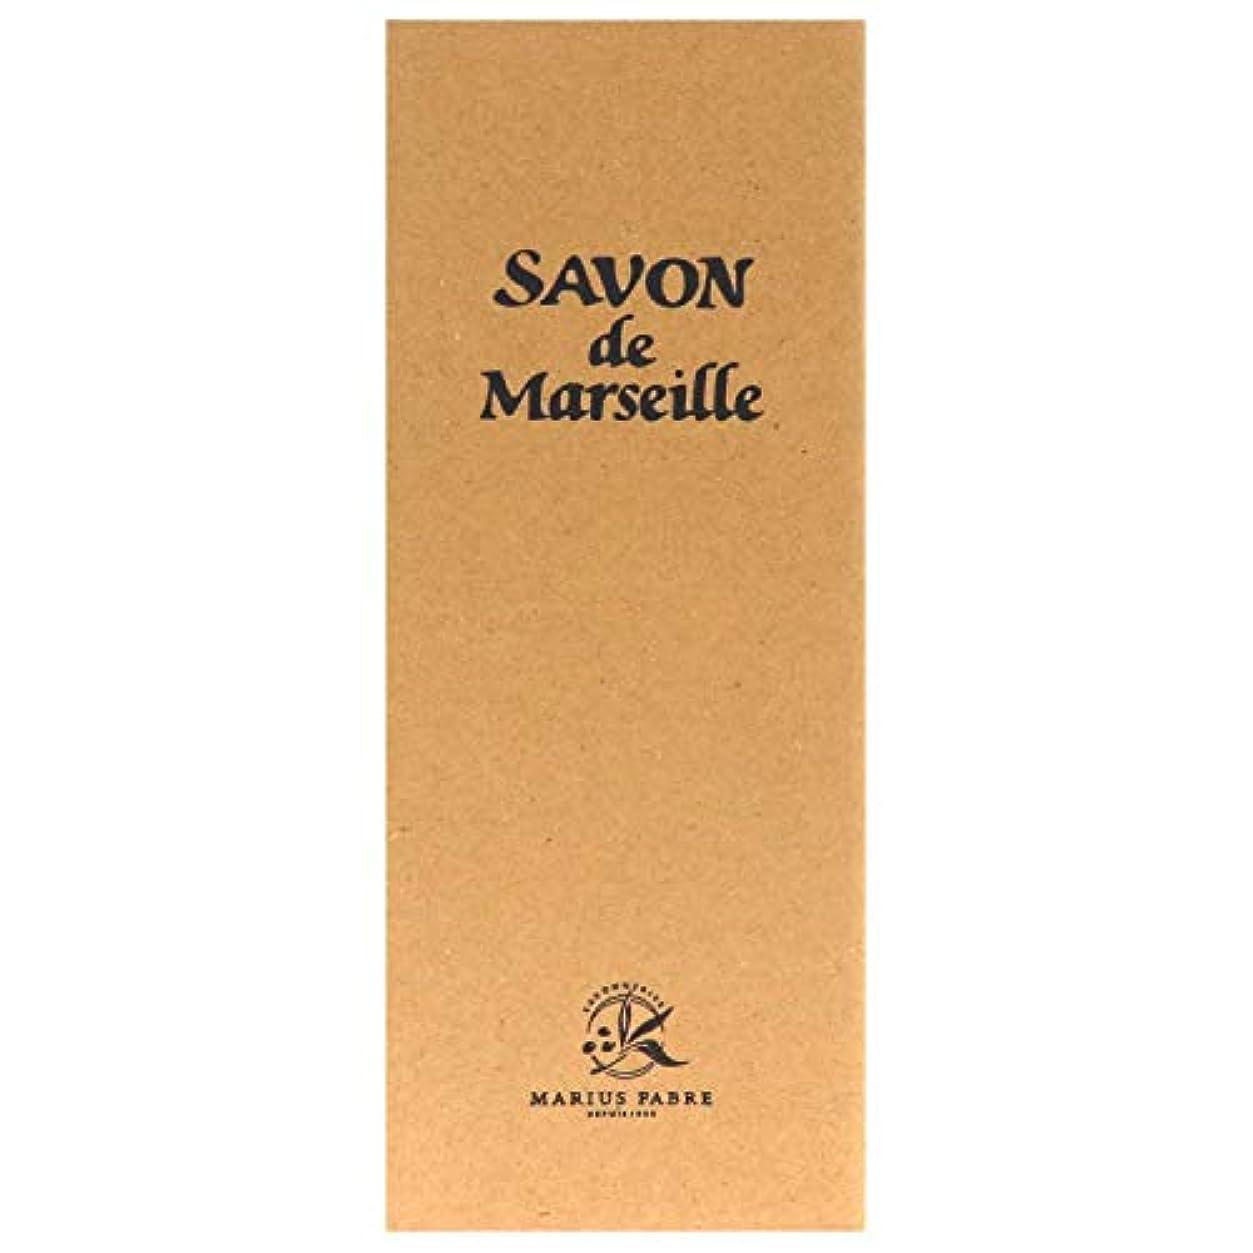 外交便利トレーニングサボン ド マルセイユ 木箱ギフト オリーブ